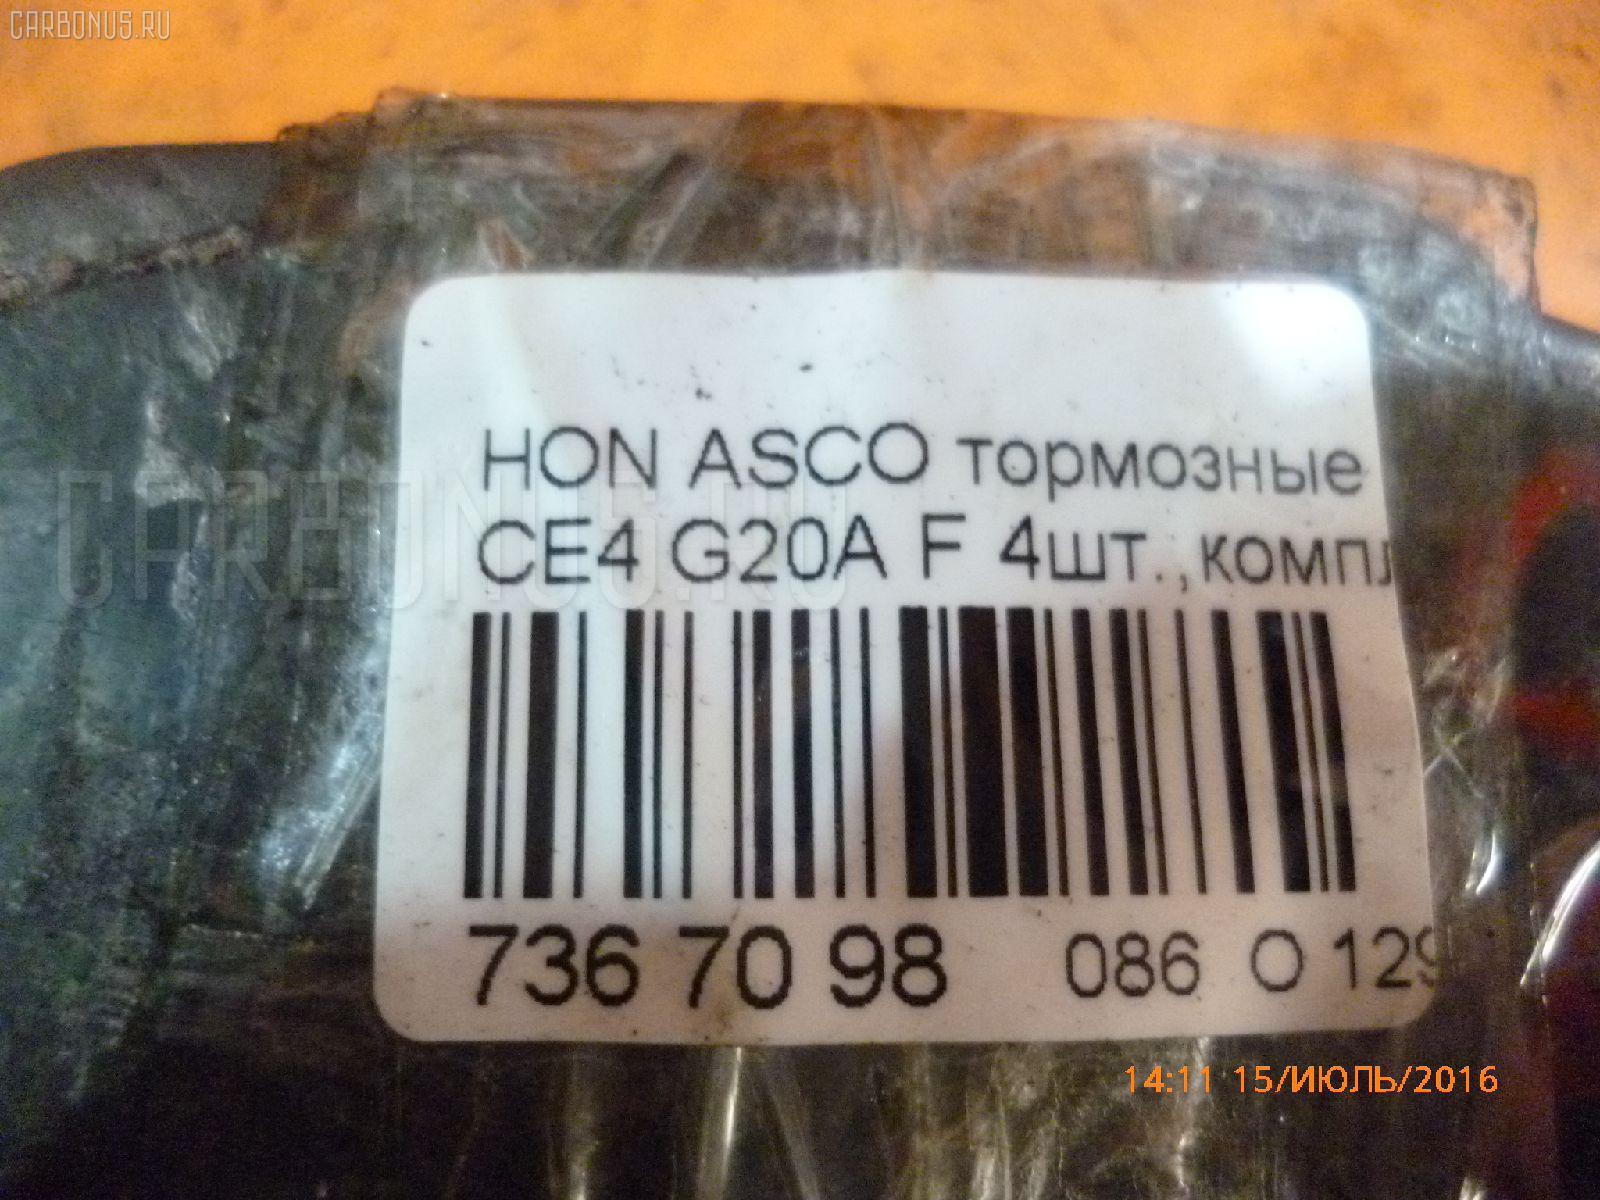 Тормозные колодки HONDA ASCOT CE4 G20A Фото 3